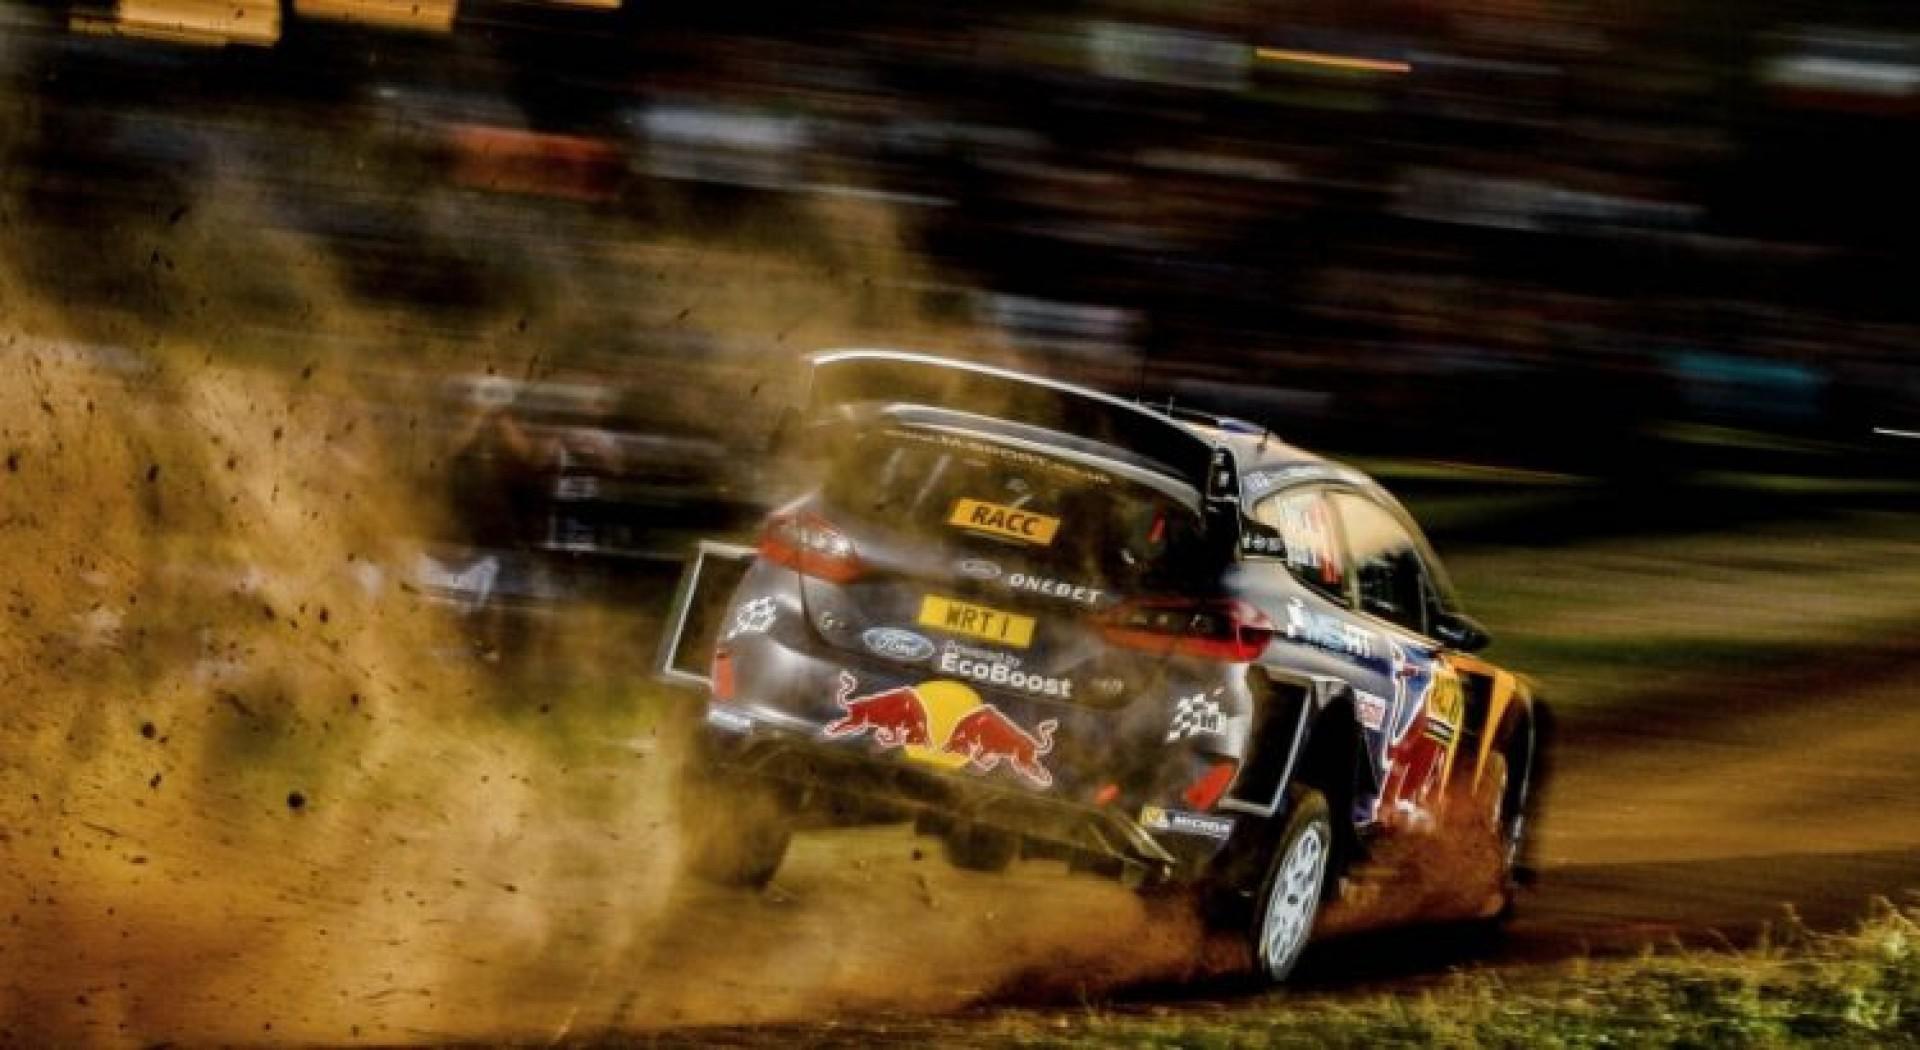 WRC espagne : Ogier en tête après le shakdown